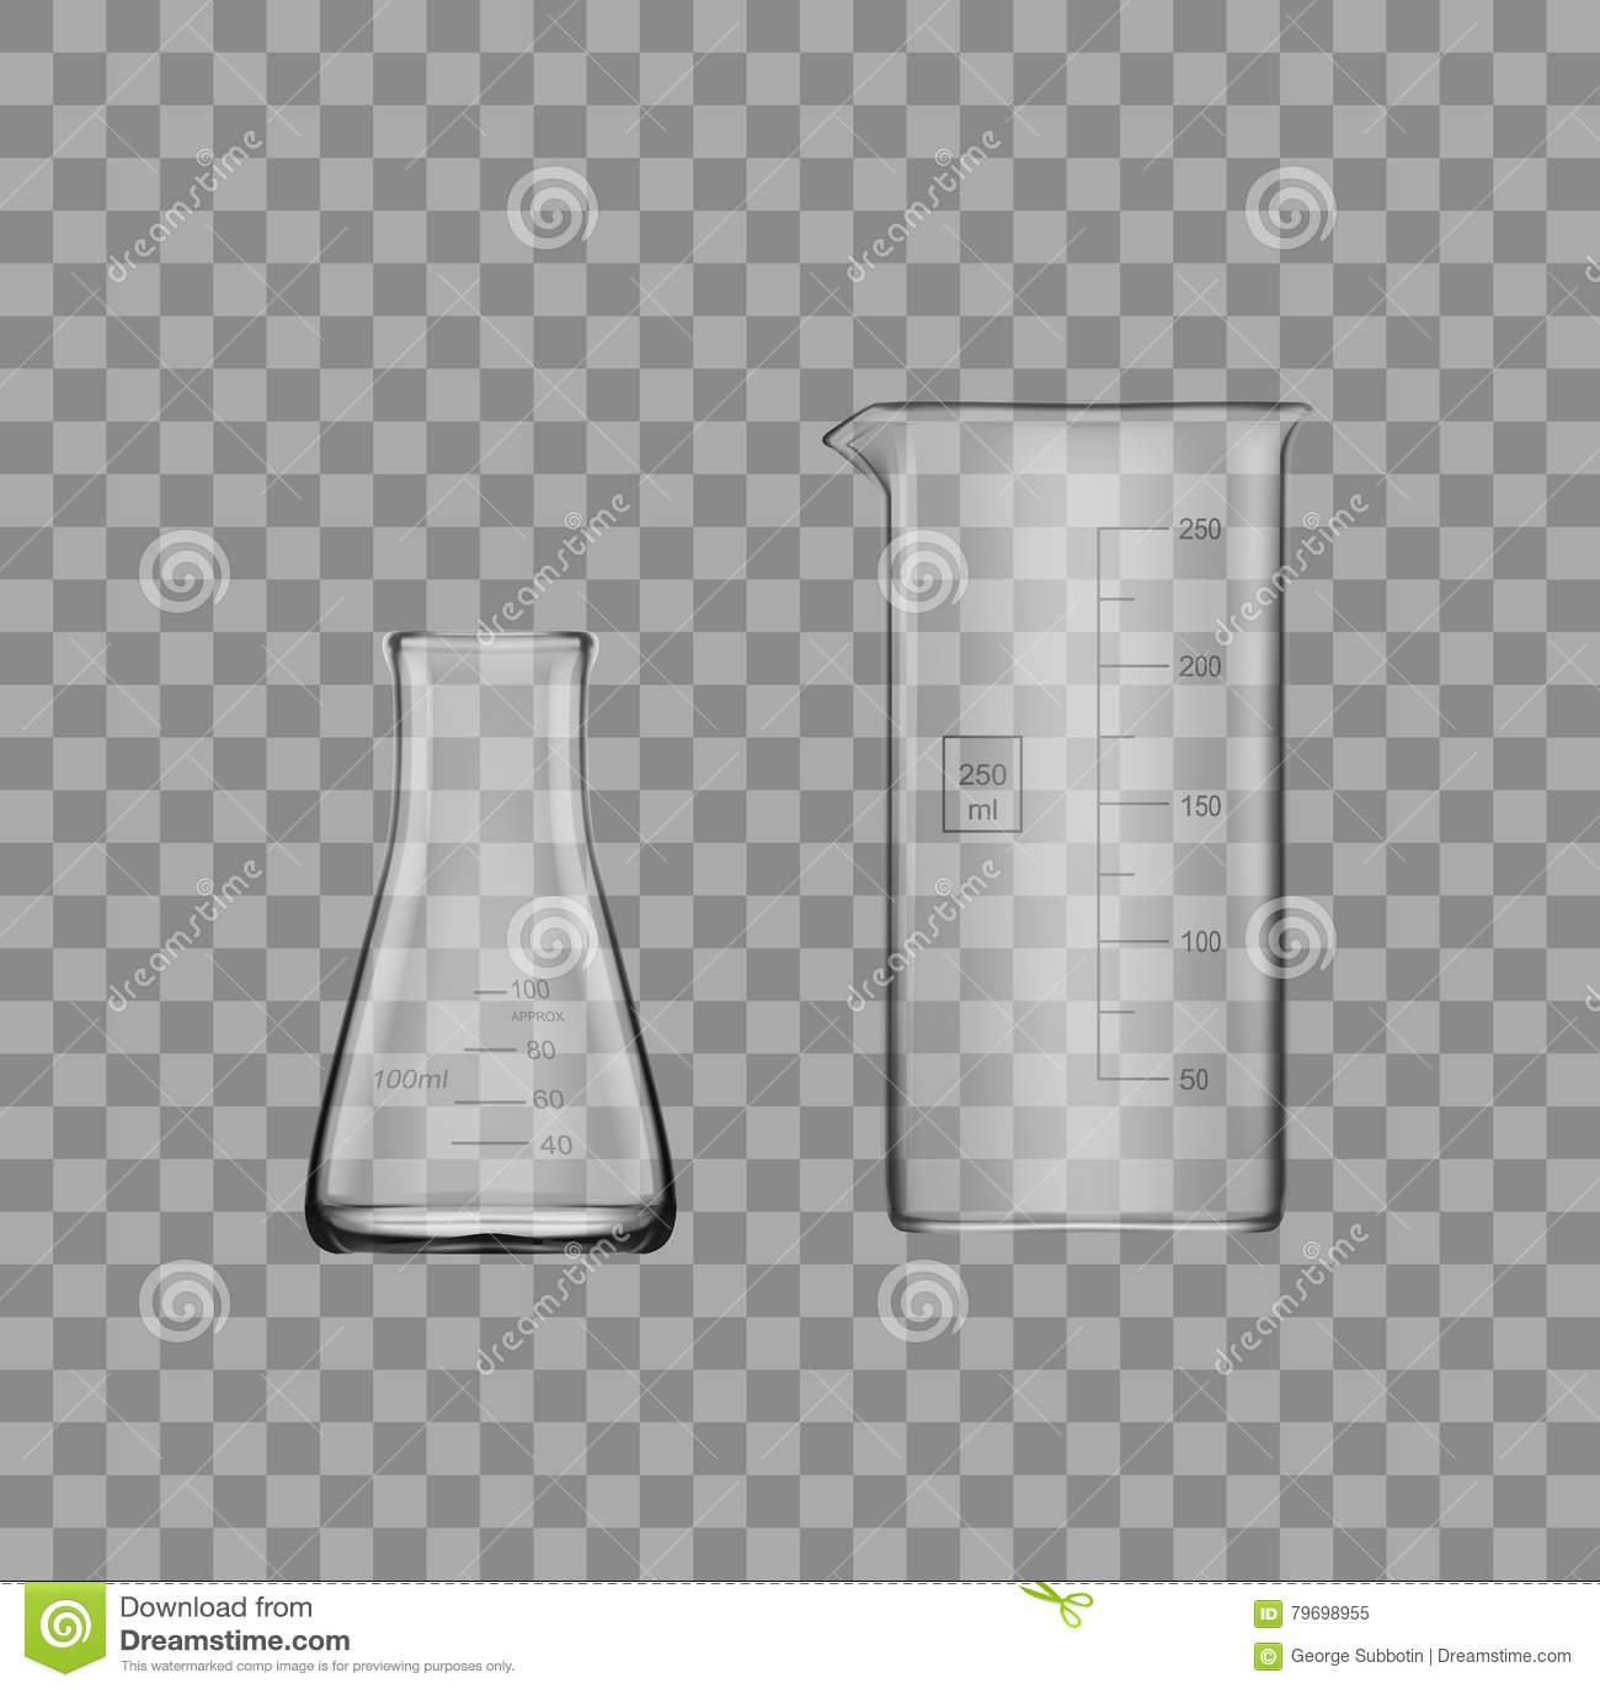 Laboratoriumglasföremål eller dryckeskärl för två kemikalie Tom klar provrör för Glass utrustning